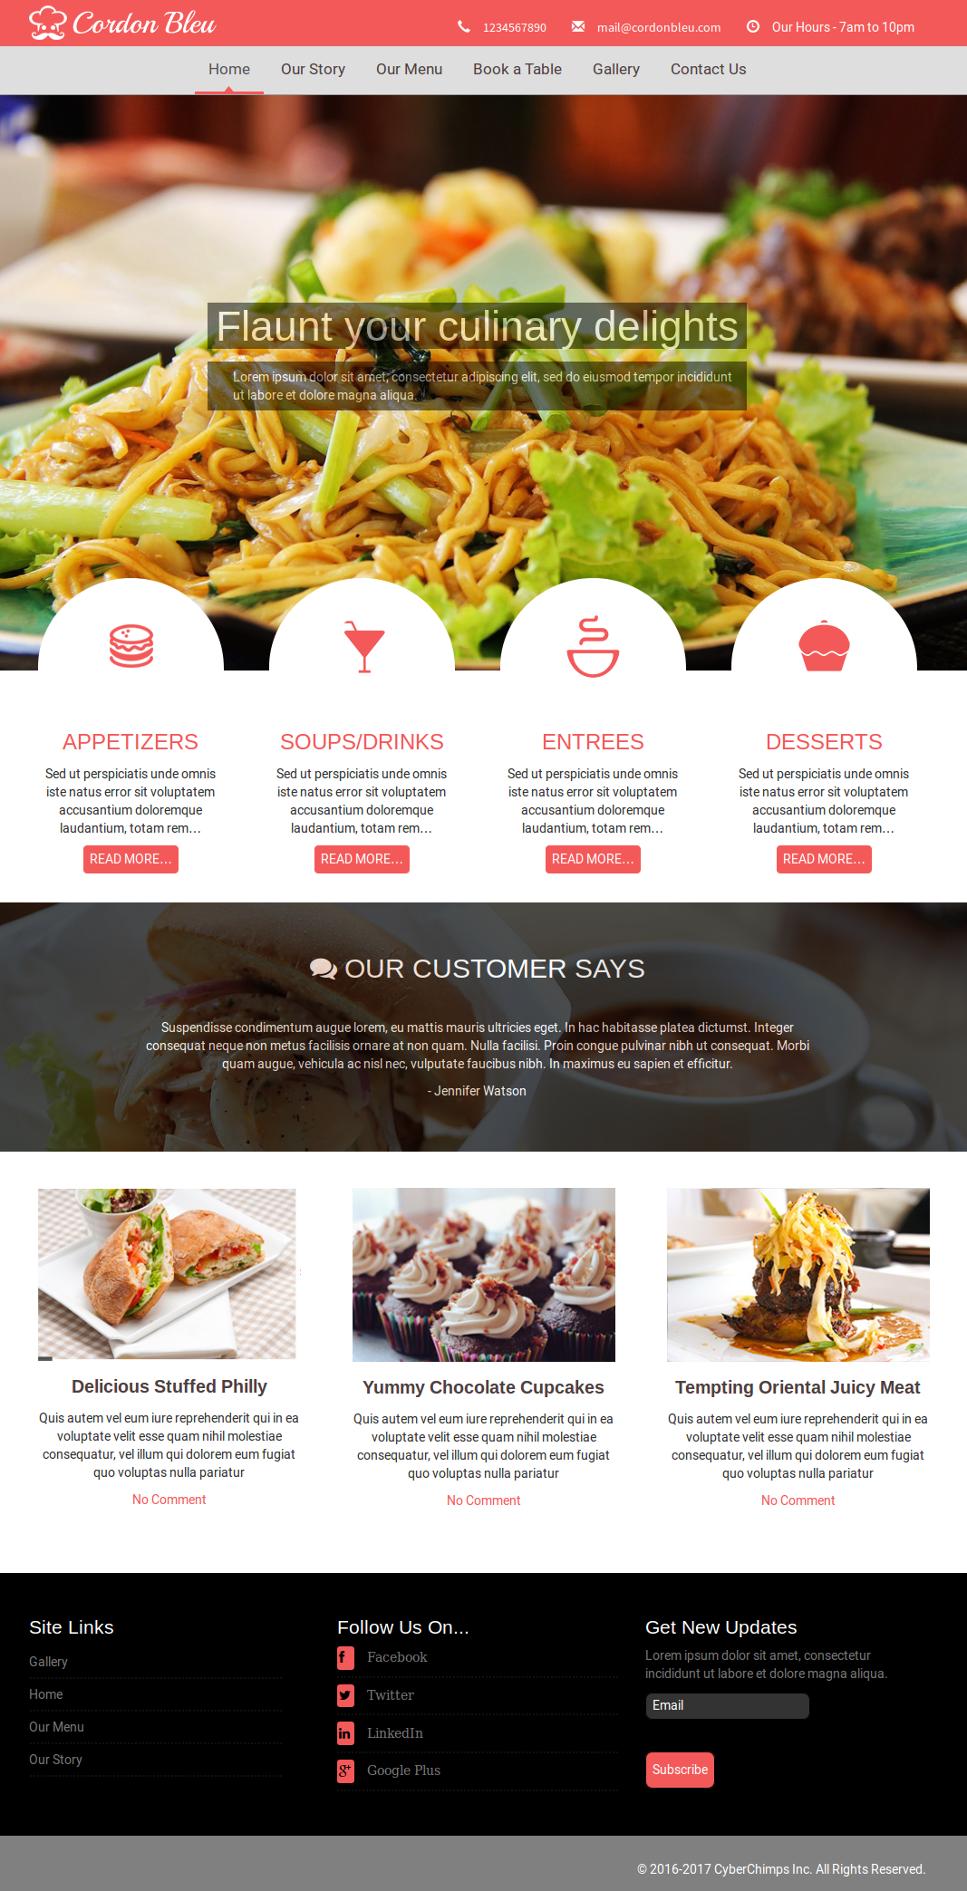 Cordon Bleu Premium Restaurant WordPress Theme by CyberChimps